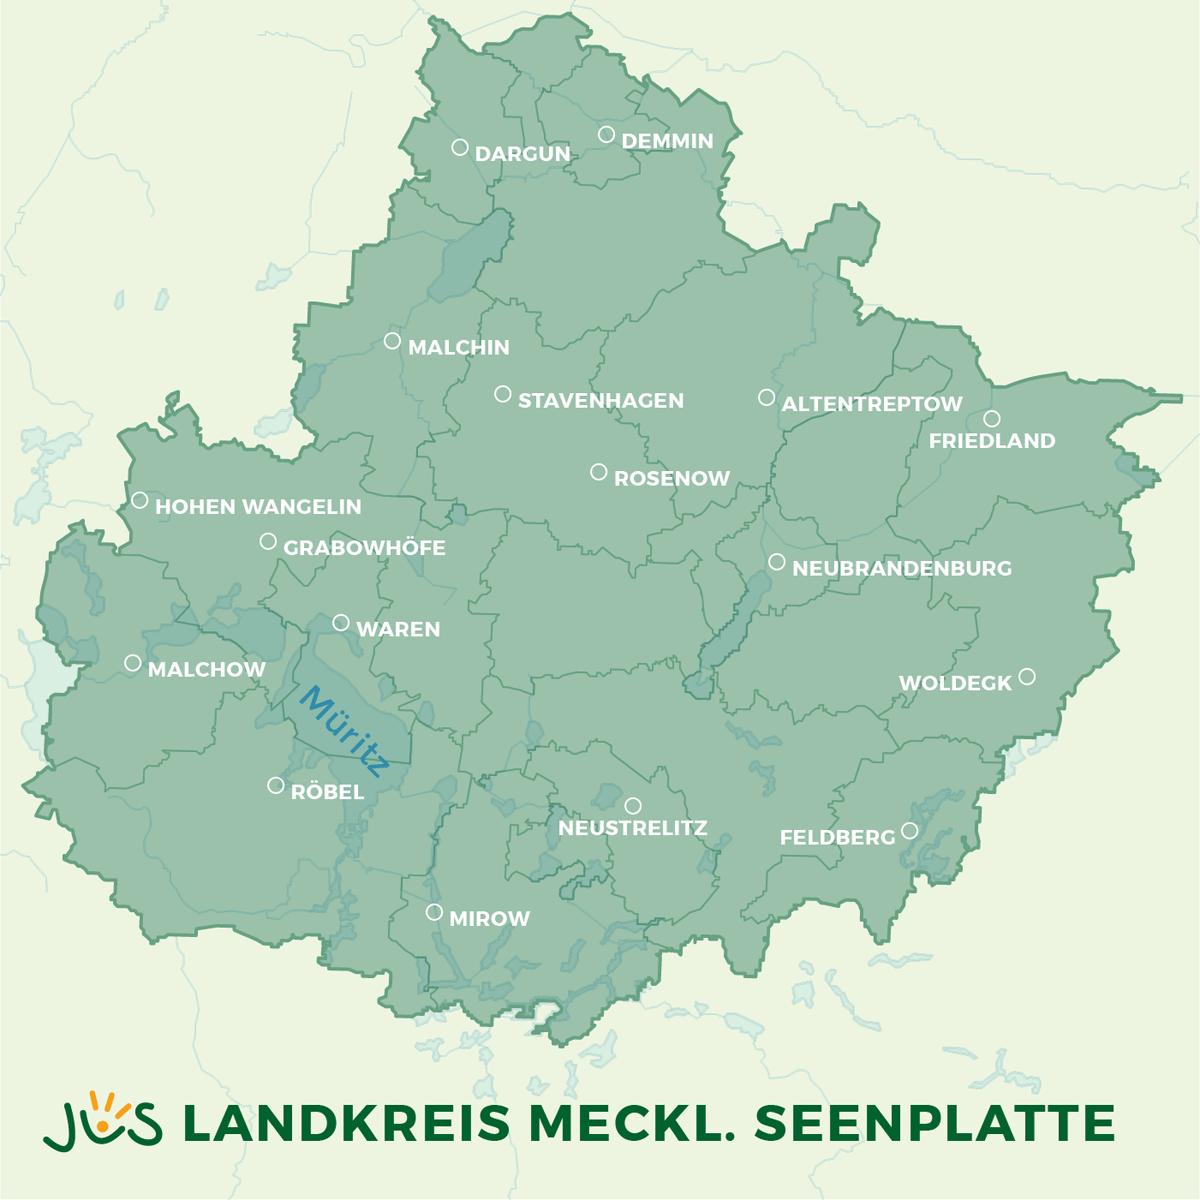 Mecklenburgische Seenplatte Kartenansicht.Jus Kitas In Mecklenburg Vorpommern